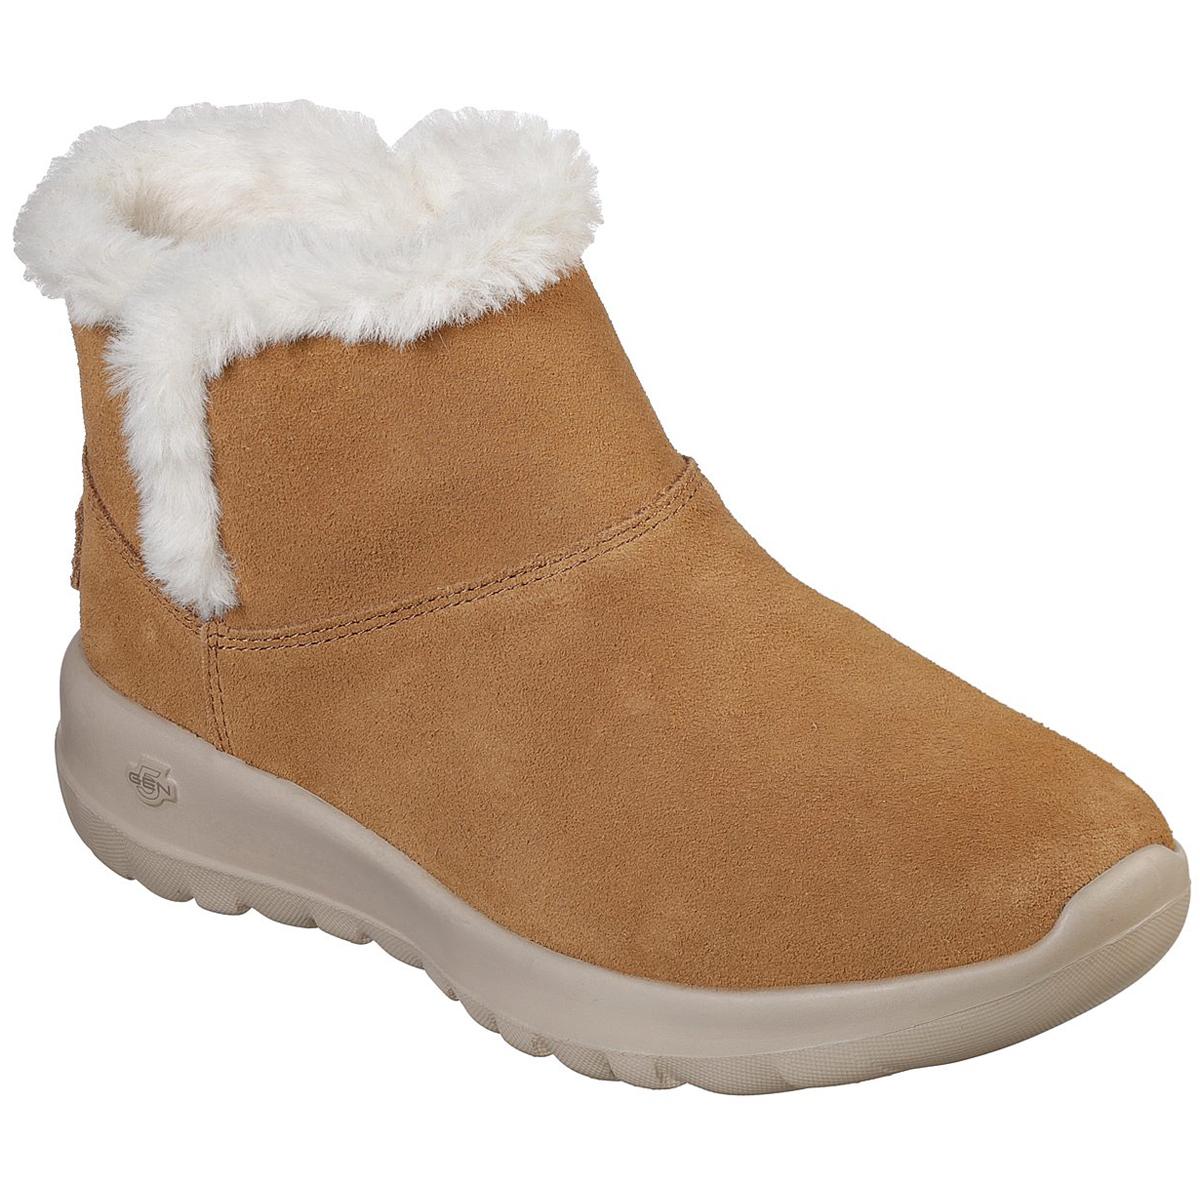 Skechers Women's On The Go Joy - Bundle Up Boots - Brown, 8.5